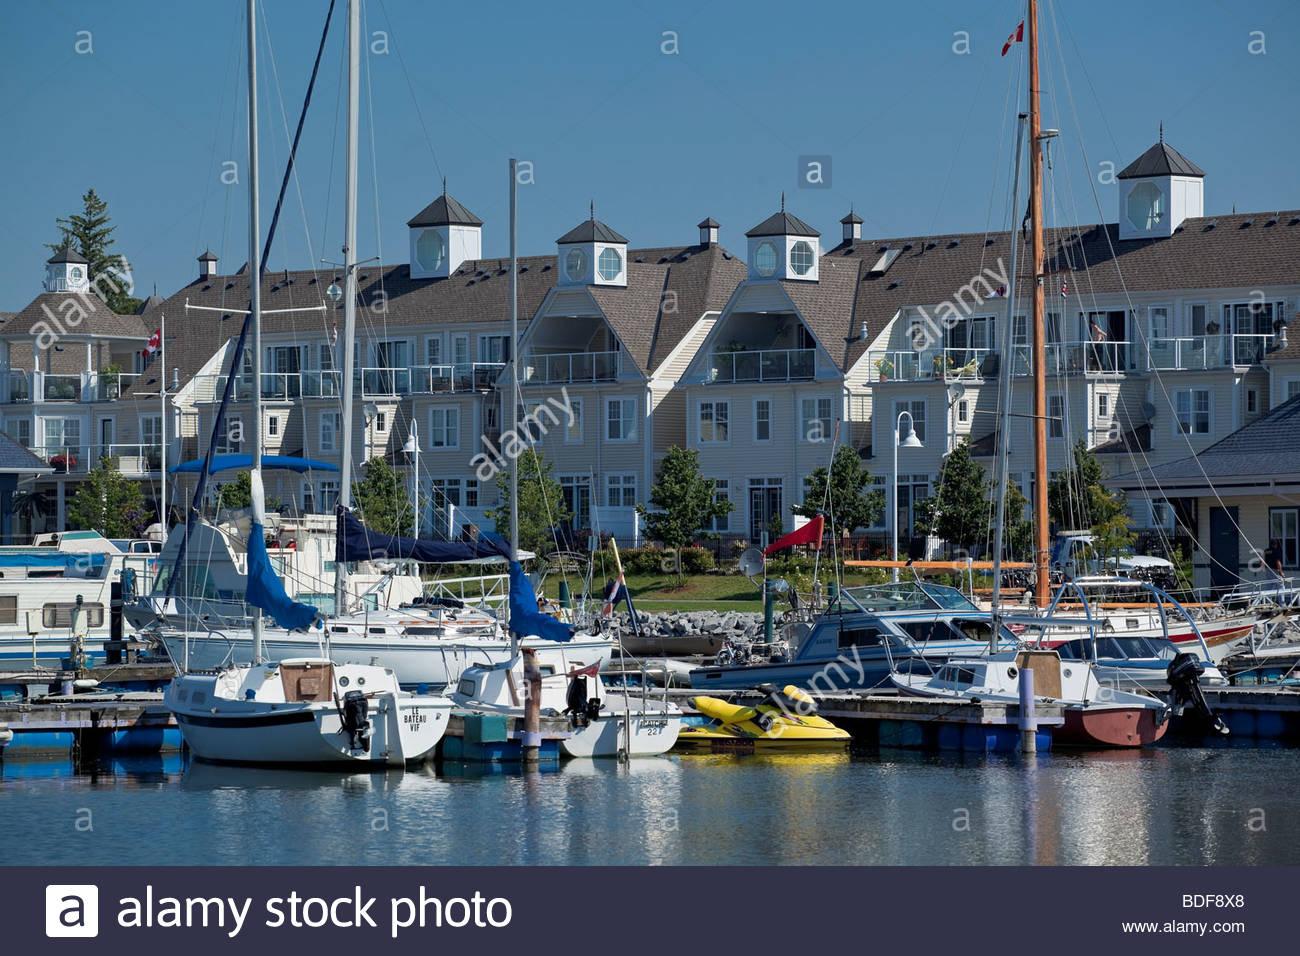 Village nautique des Grands Lacs, un nouveau complexe de l'urbanisme à Pickering en Ontario Canada Banque D'Images